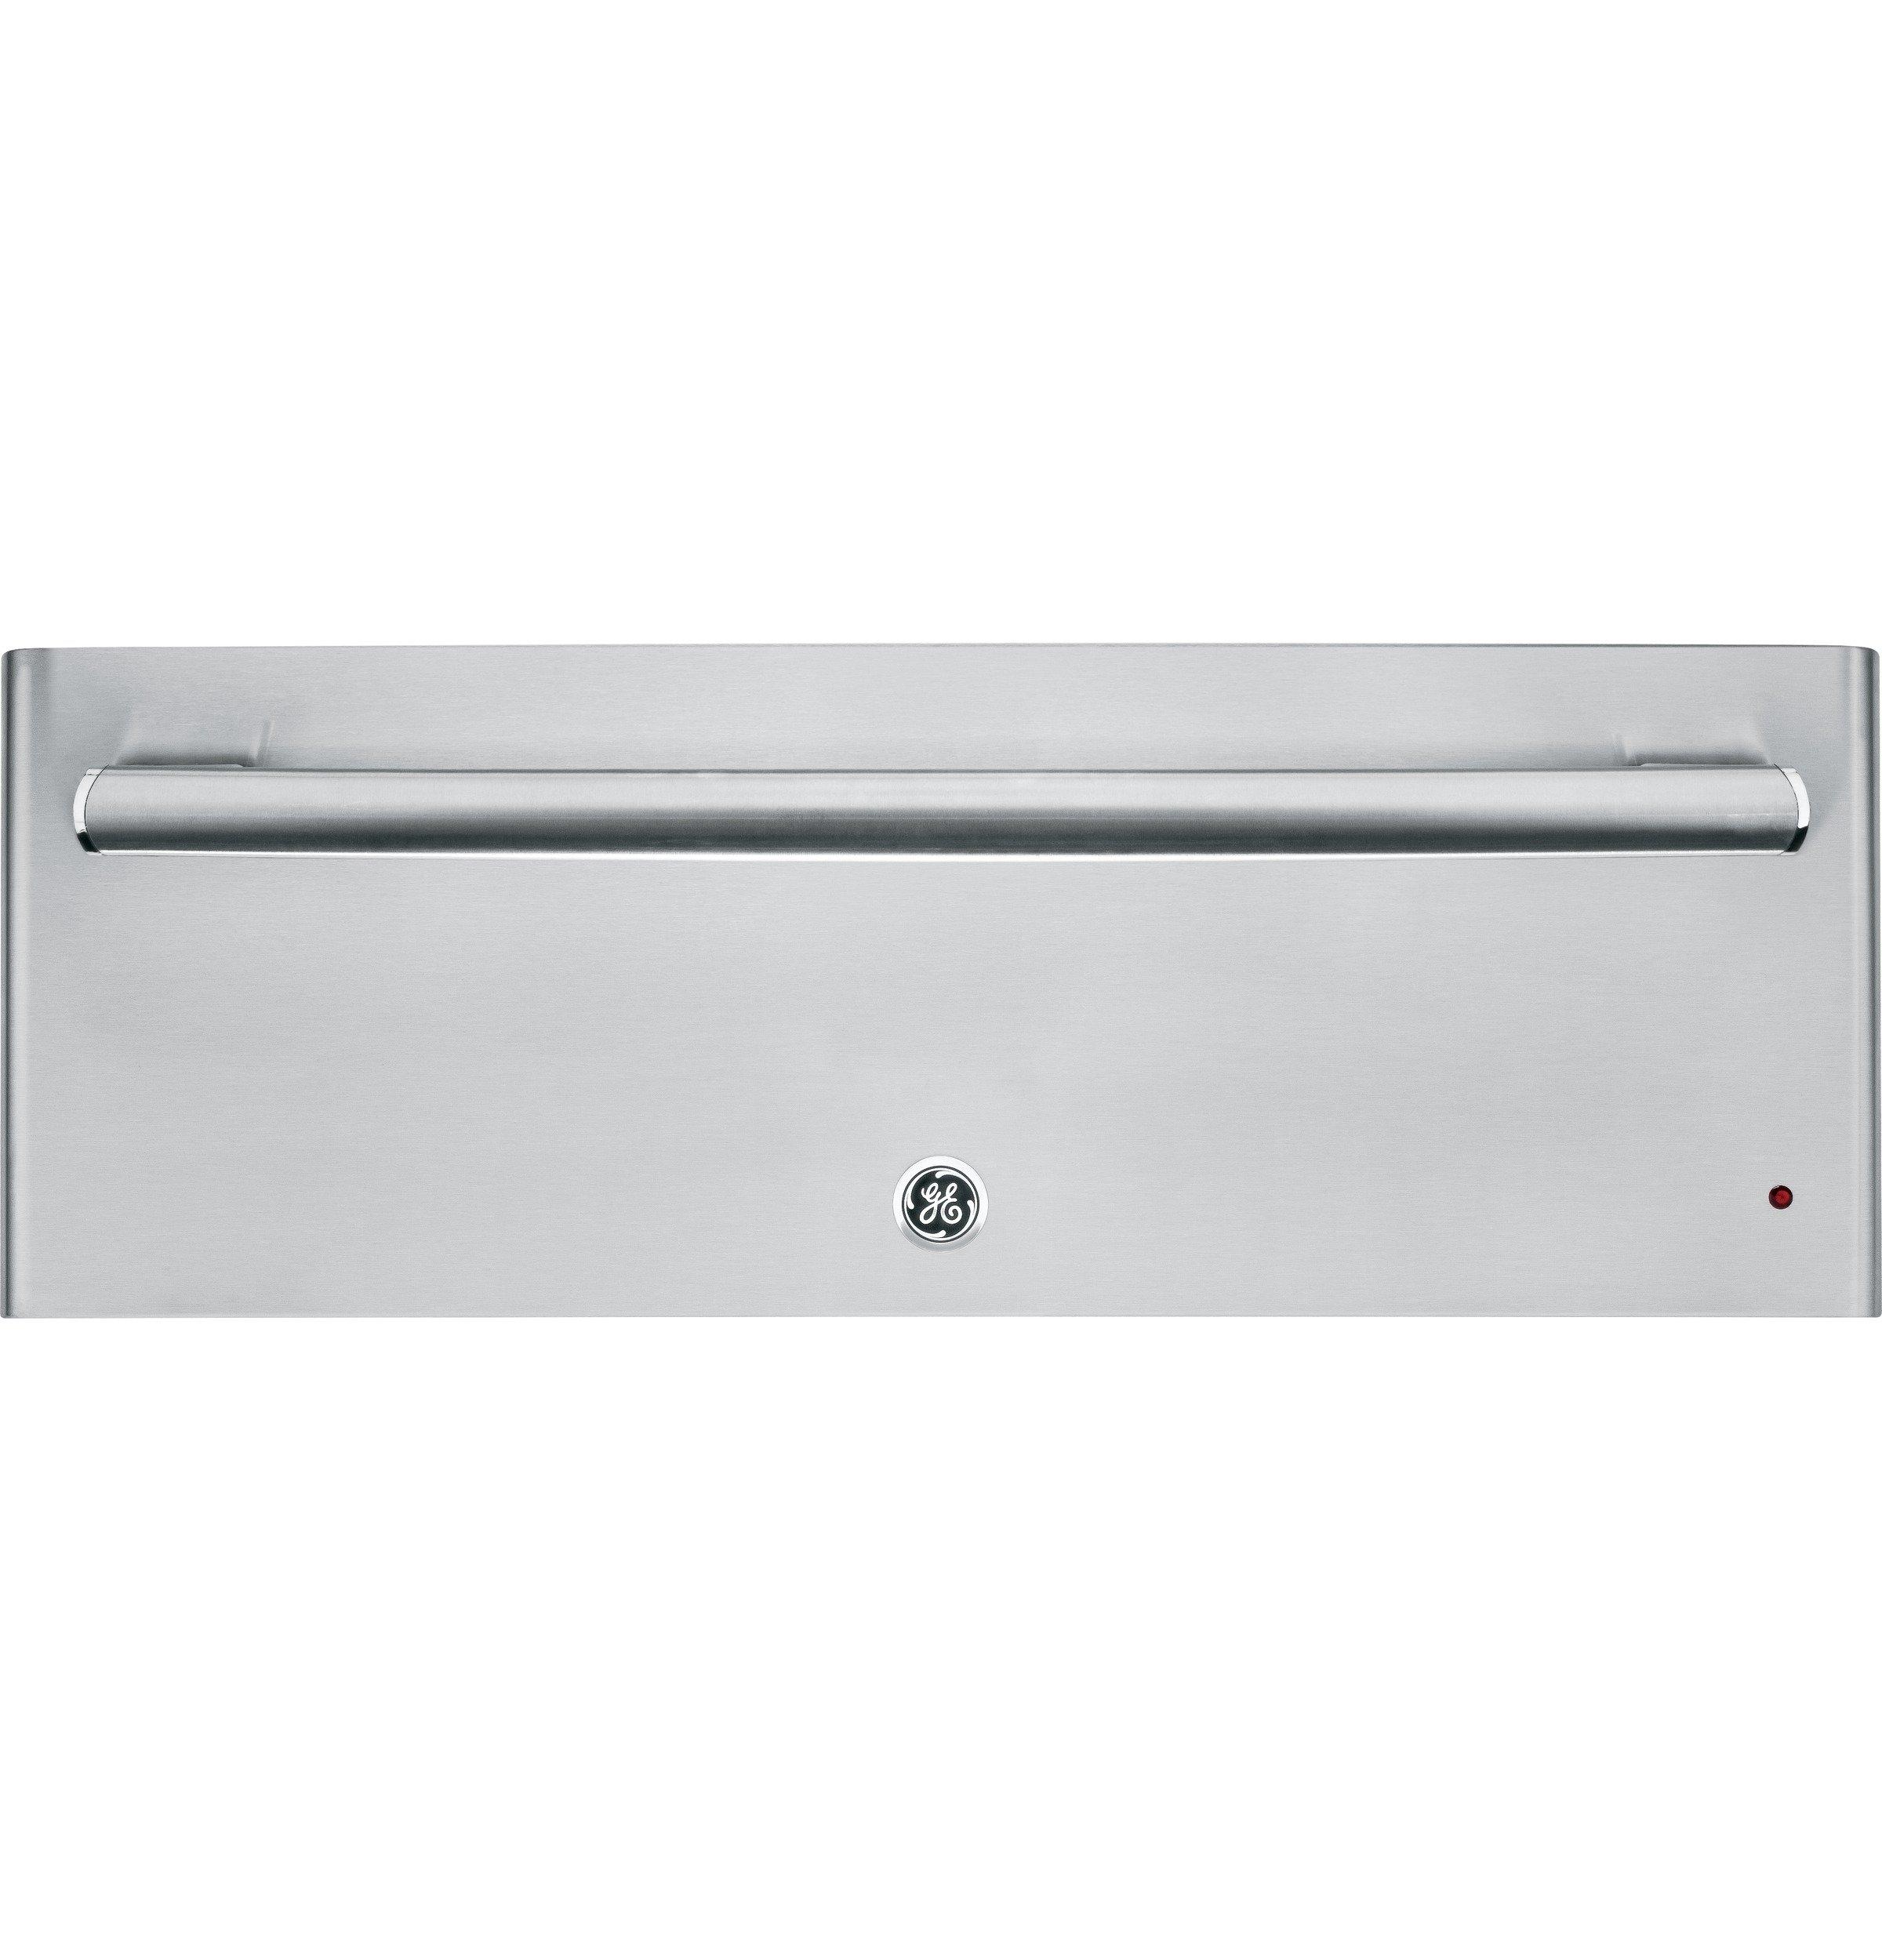 GE PW9000SFSS Warming Drawer